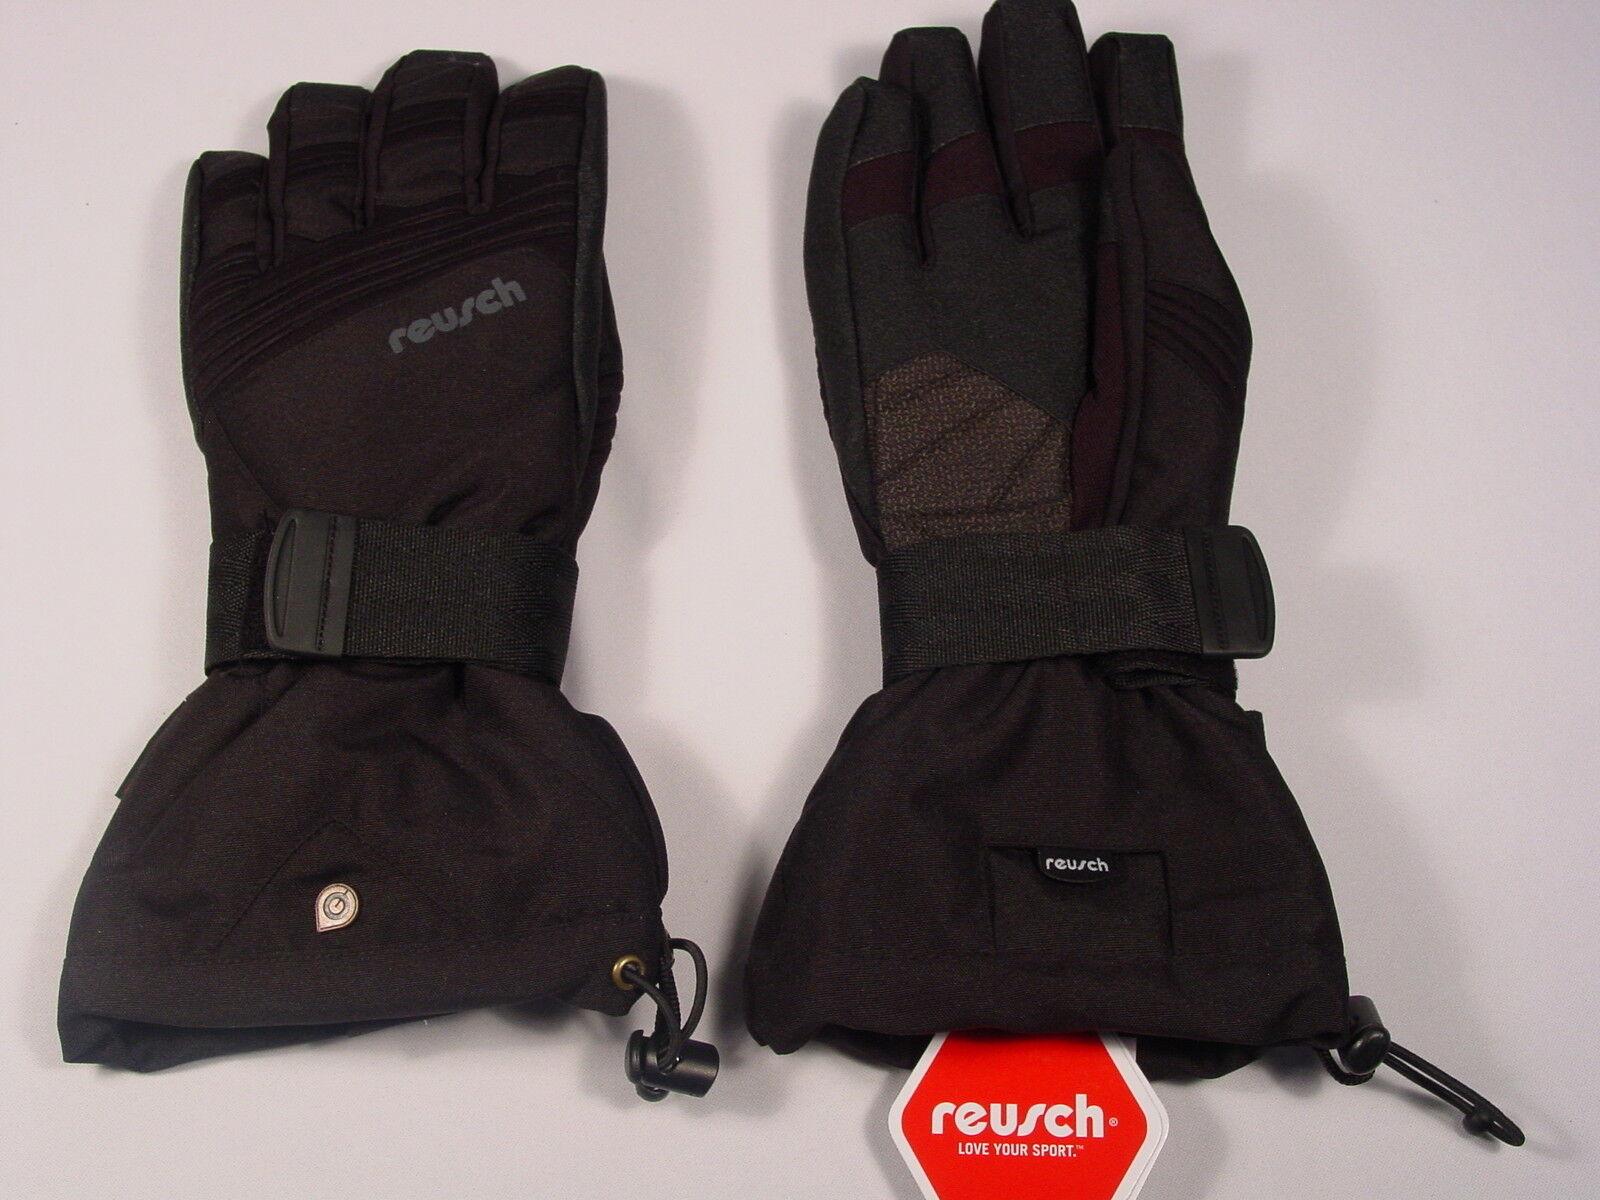 Reusch Snowboard Handgelenkbandage Schutz Handschuhe Rtexxt Erwachsene M 8.5